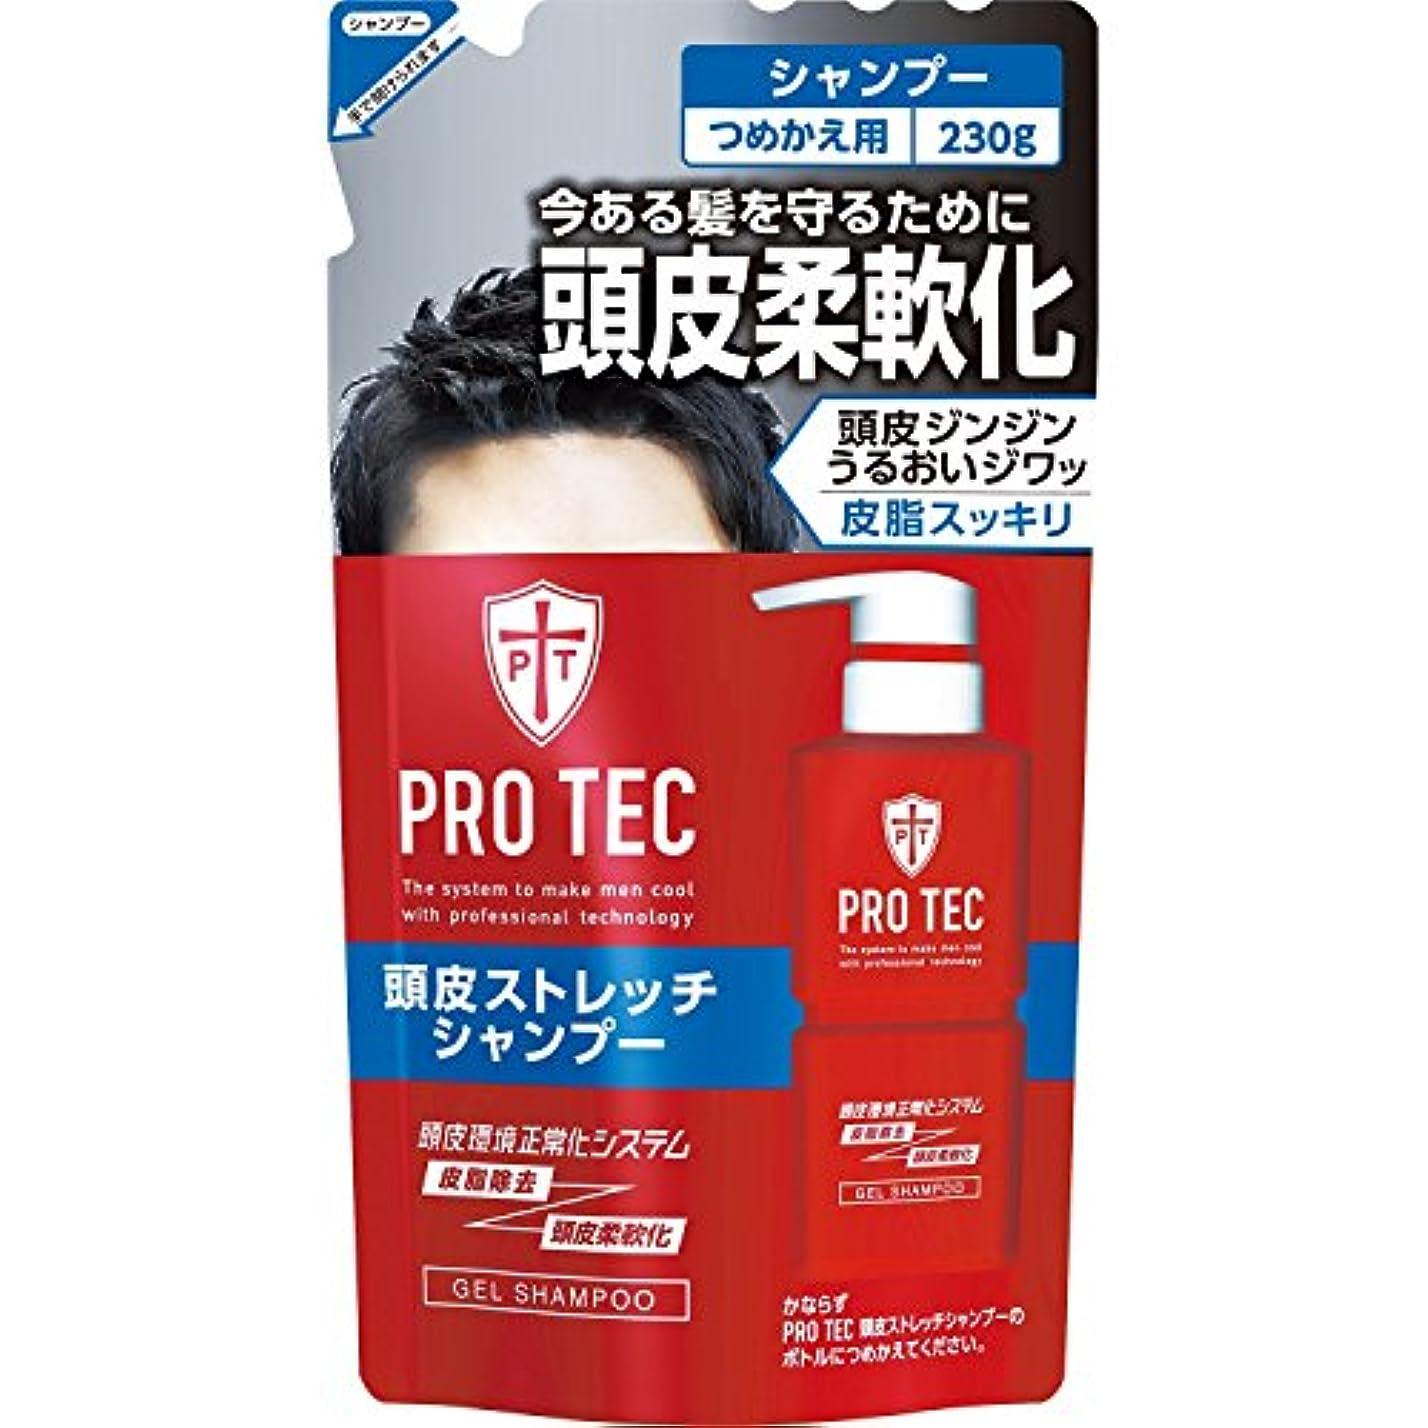 ジャニス赤面乱闘PRO TEC(プロテク) 頭皮ストレッチシャンプー つめかえ用 230g (医薬部外品) ×10個セット